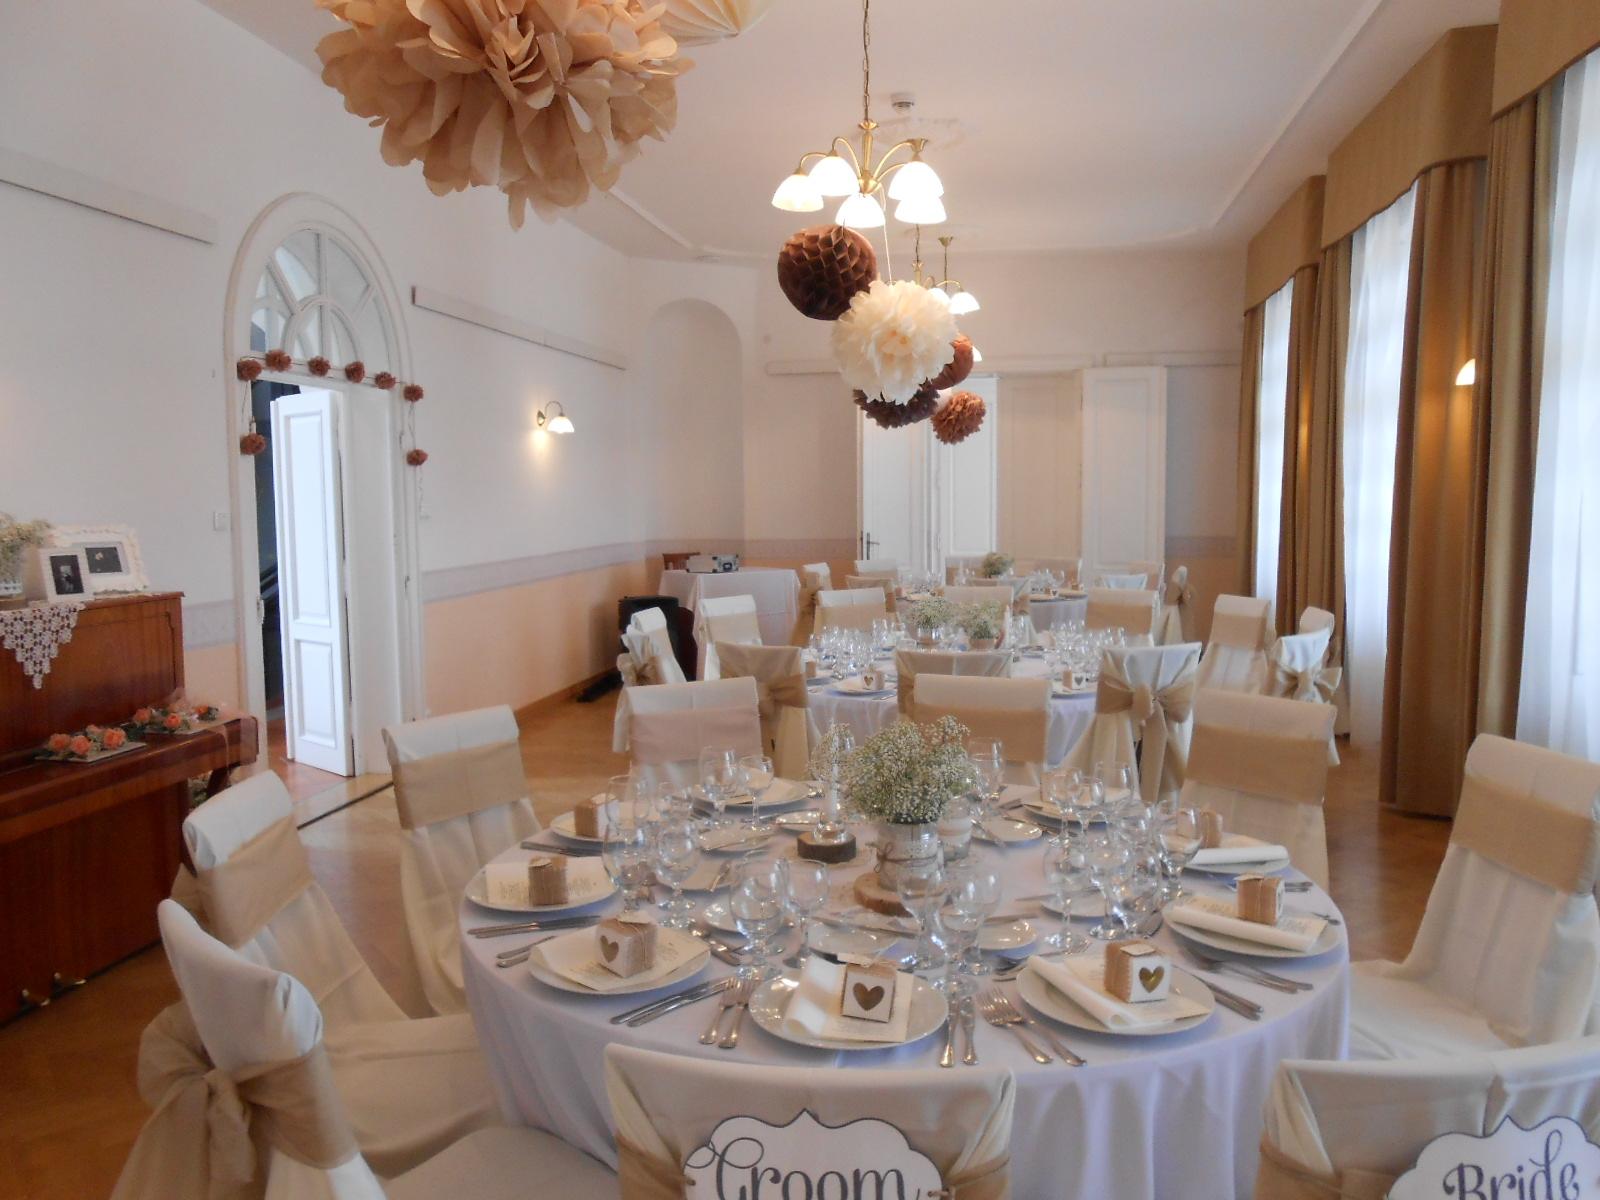 Káprázatos esküvői dekorációk